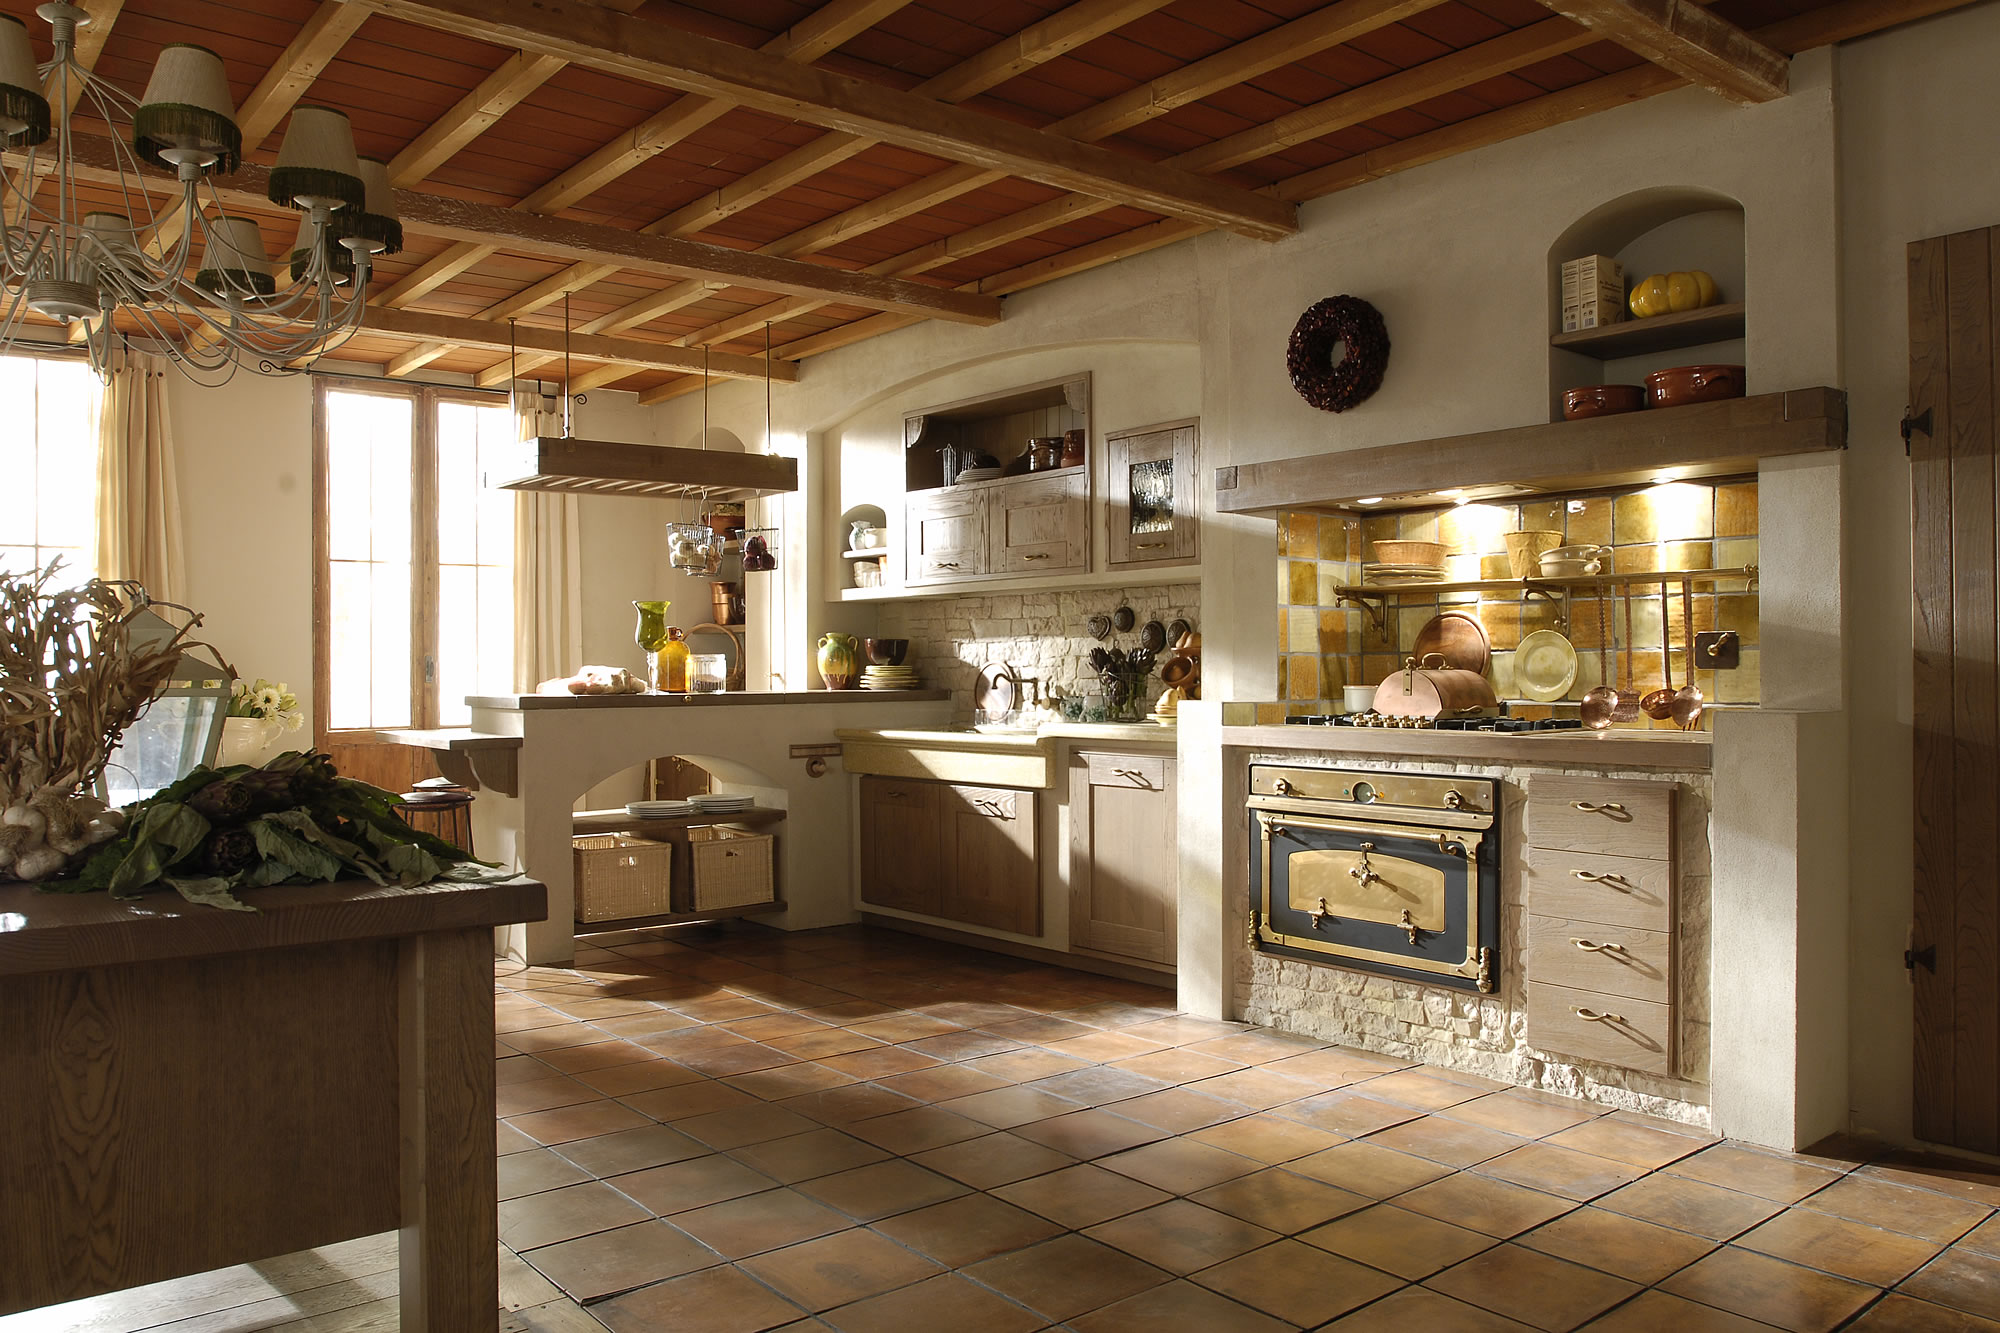 Cucine di lusso e design a Torino - Gallery Home Torino